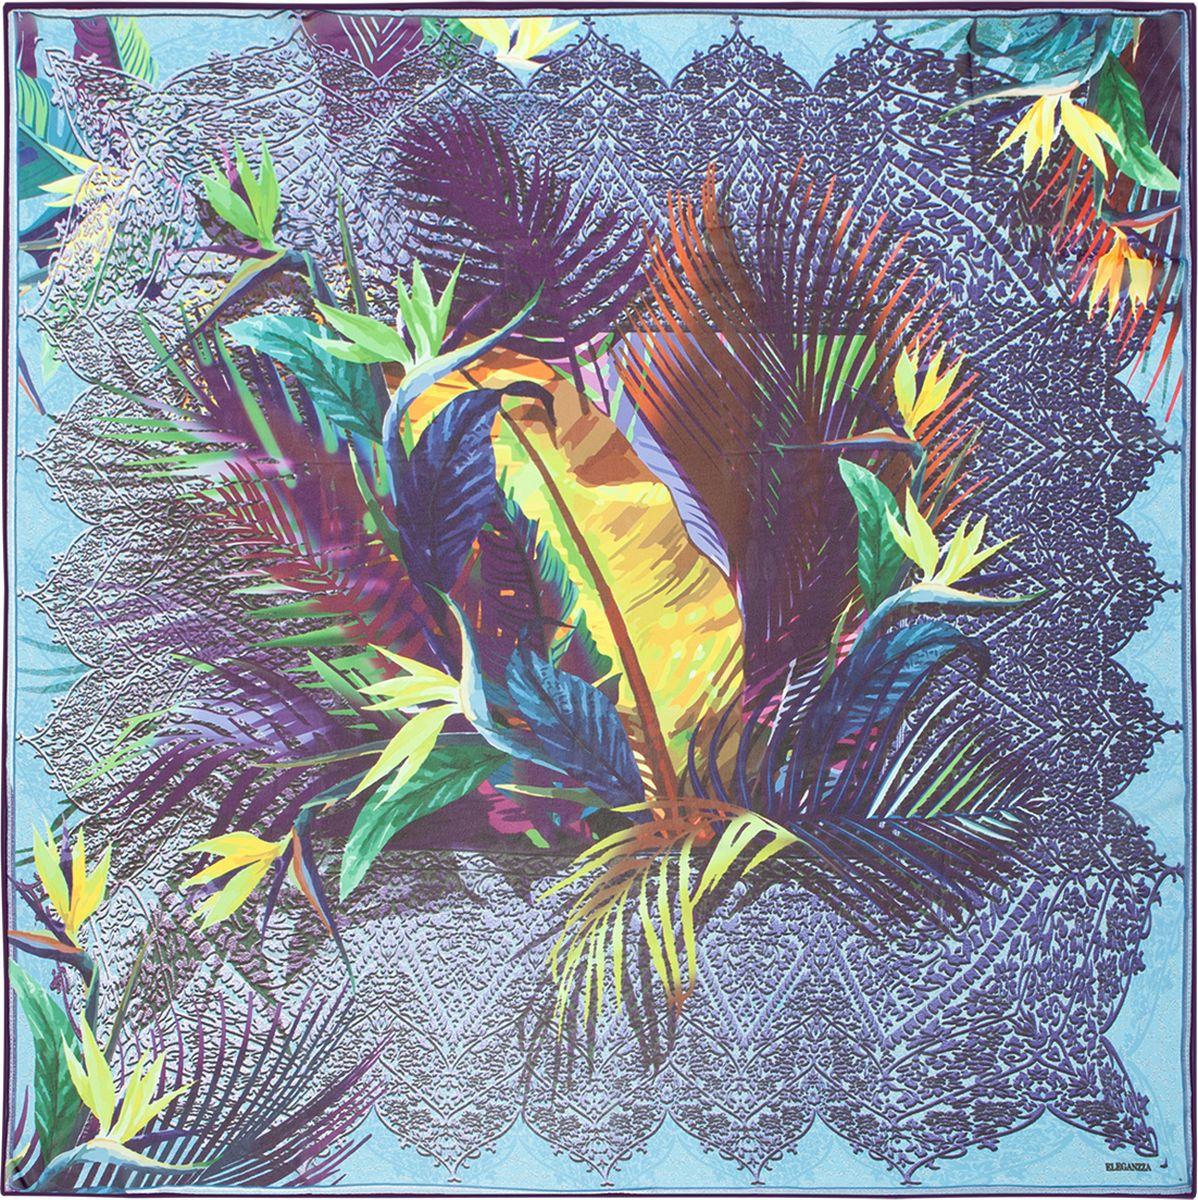 ПлатокD02-1198Платок торговой марки ELEGANZZA. Состав: 100% шелк, жоржет. Тип подгибки: ручная подгибка. Размер: 110х110 см.